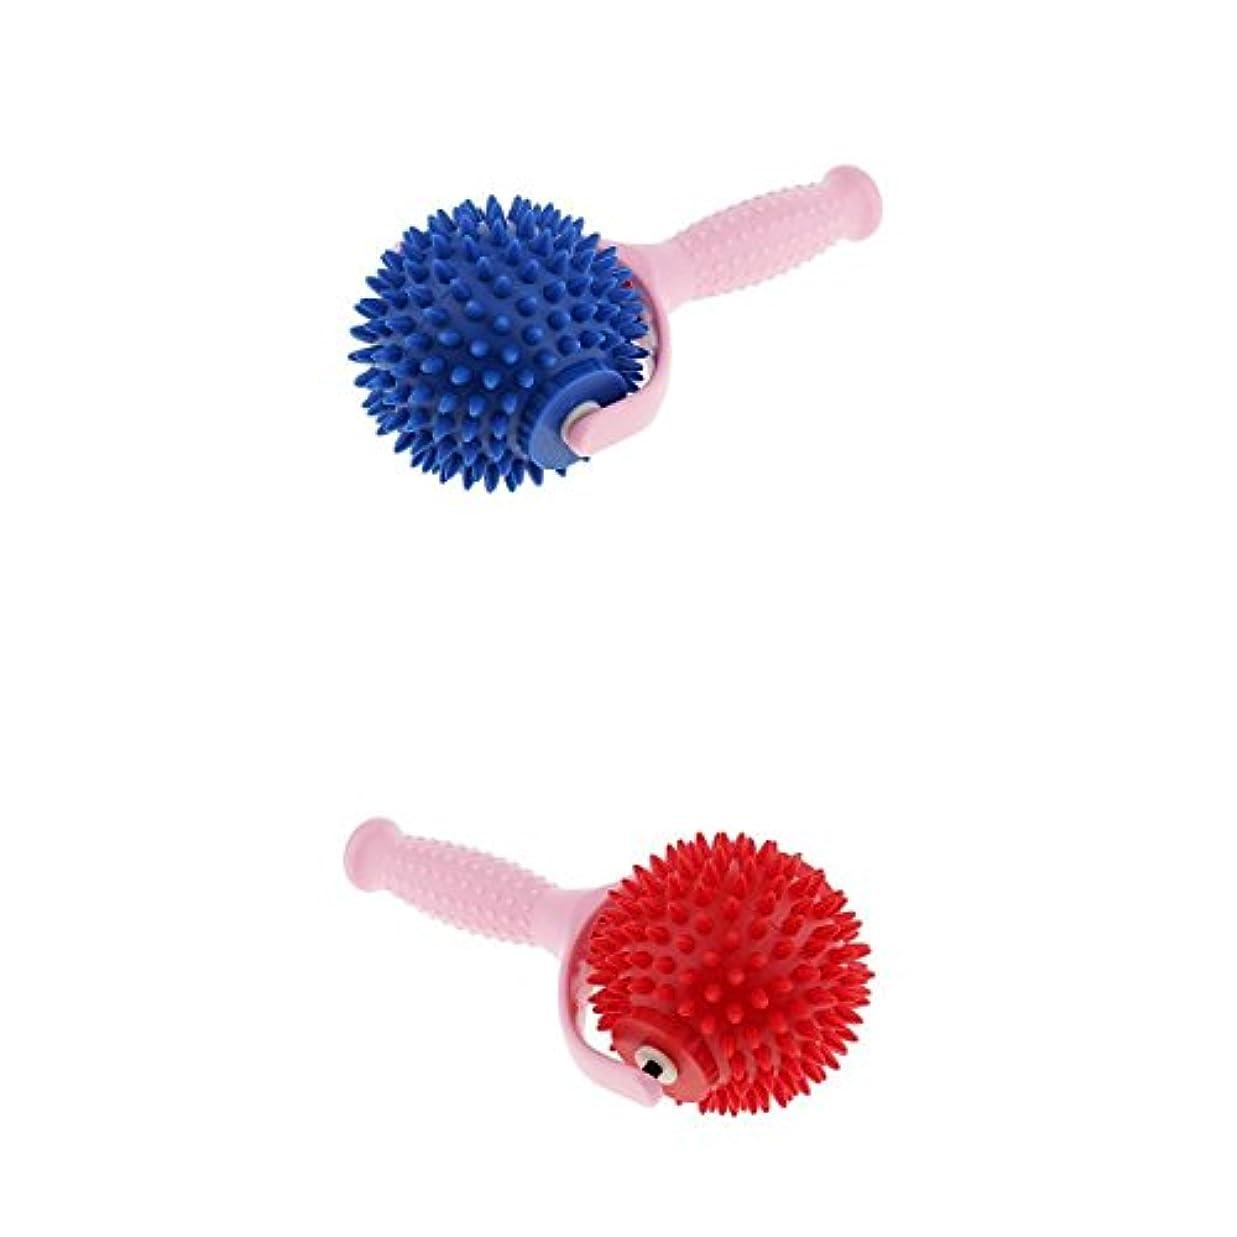 一元化する解釈するインタフェースマッサージボール 手持ち式 2個セット 筋膜リリース 伝統的 鍼療法 PVCプラスチック